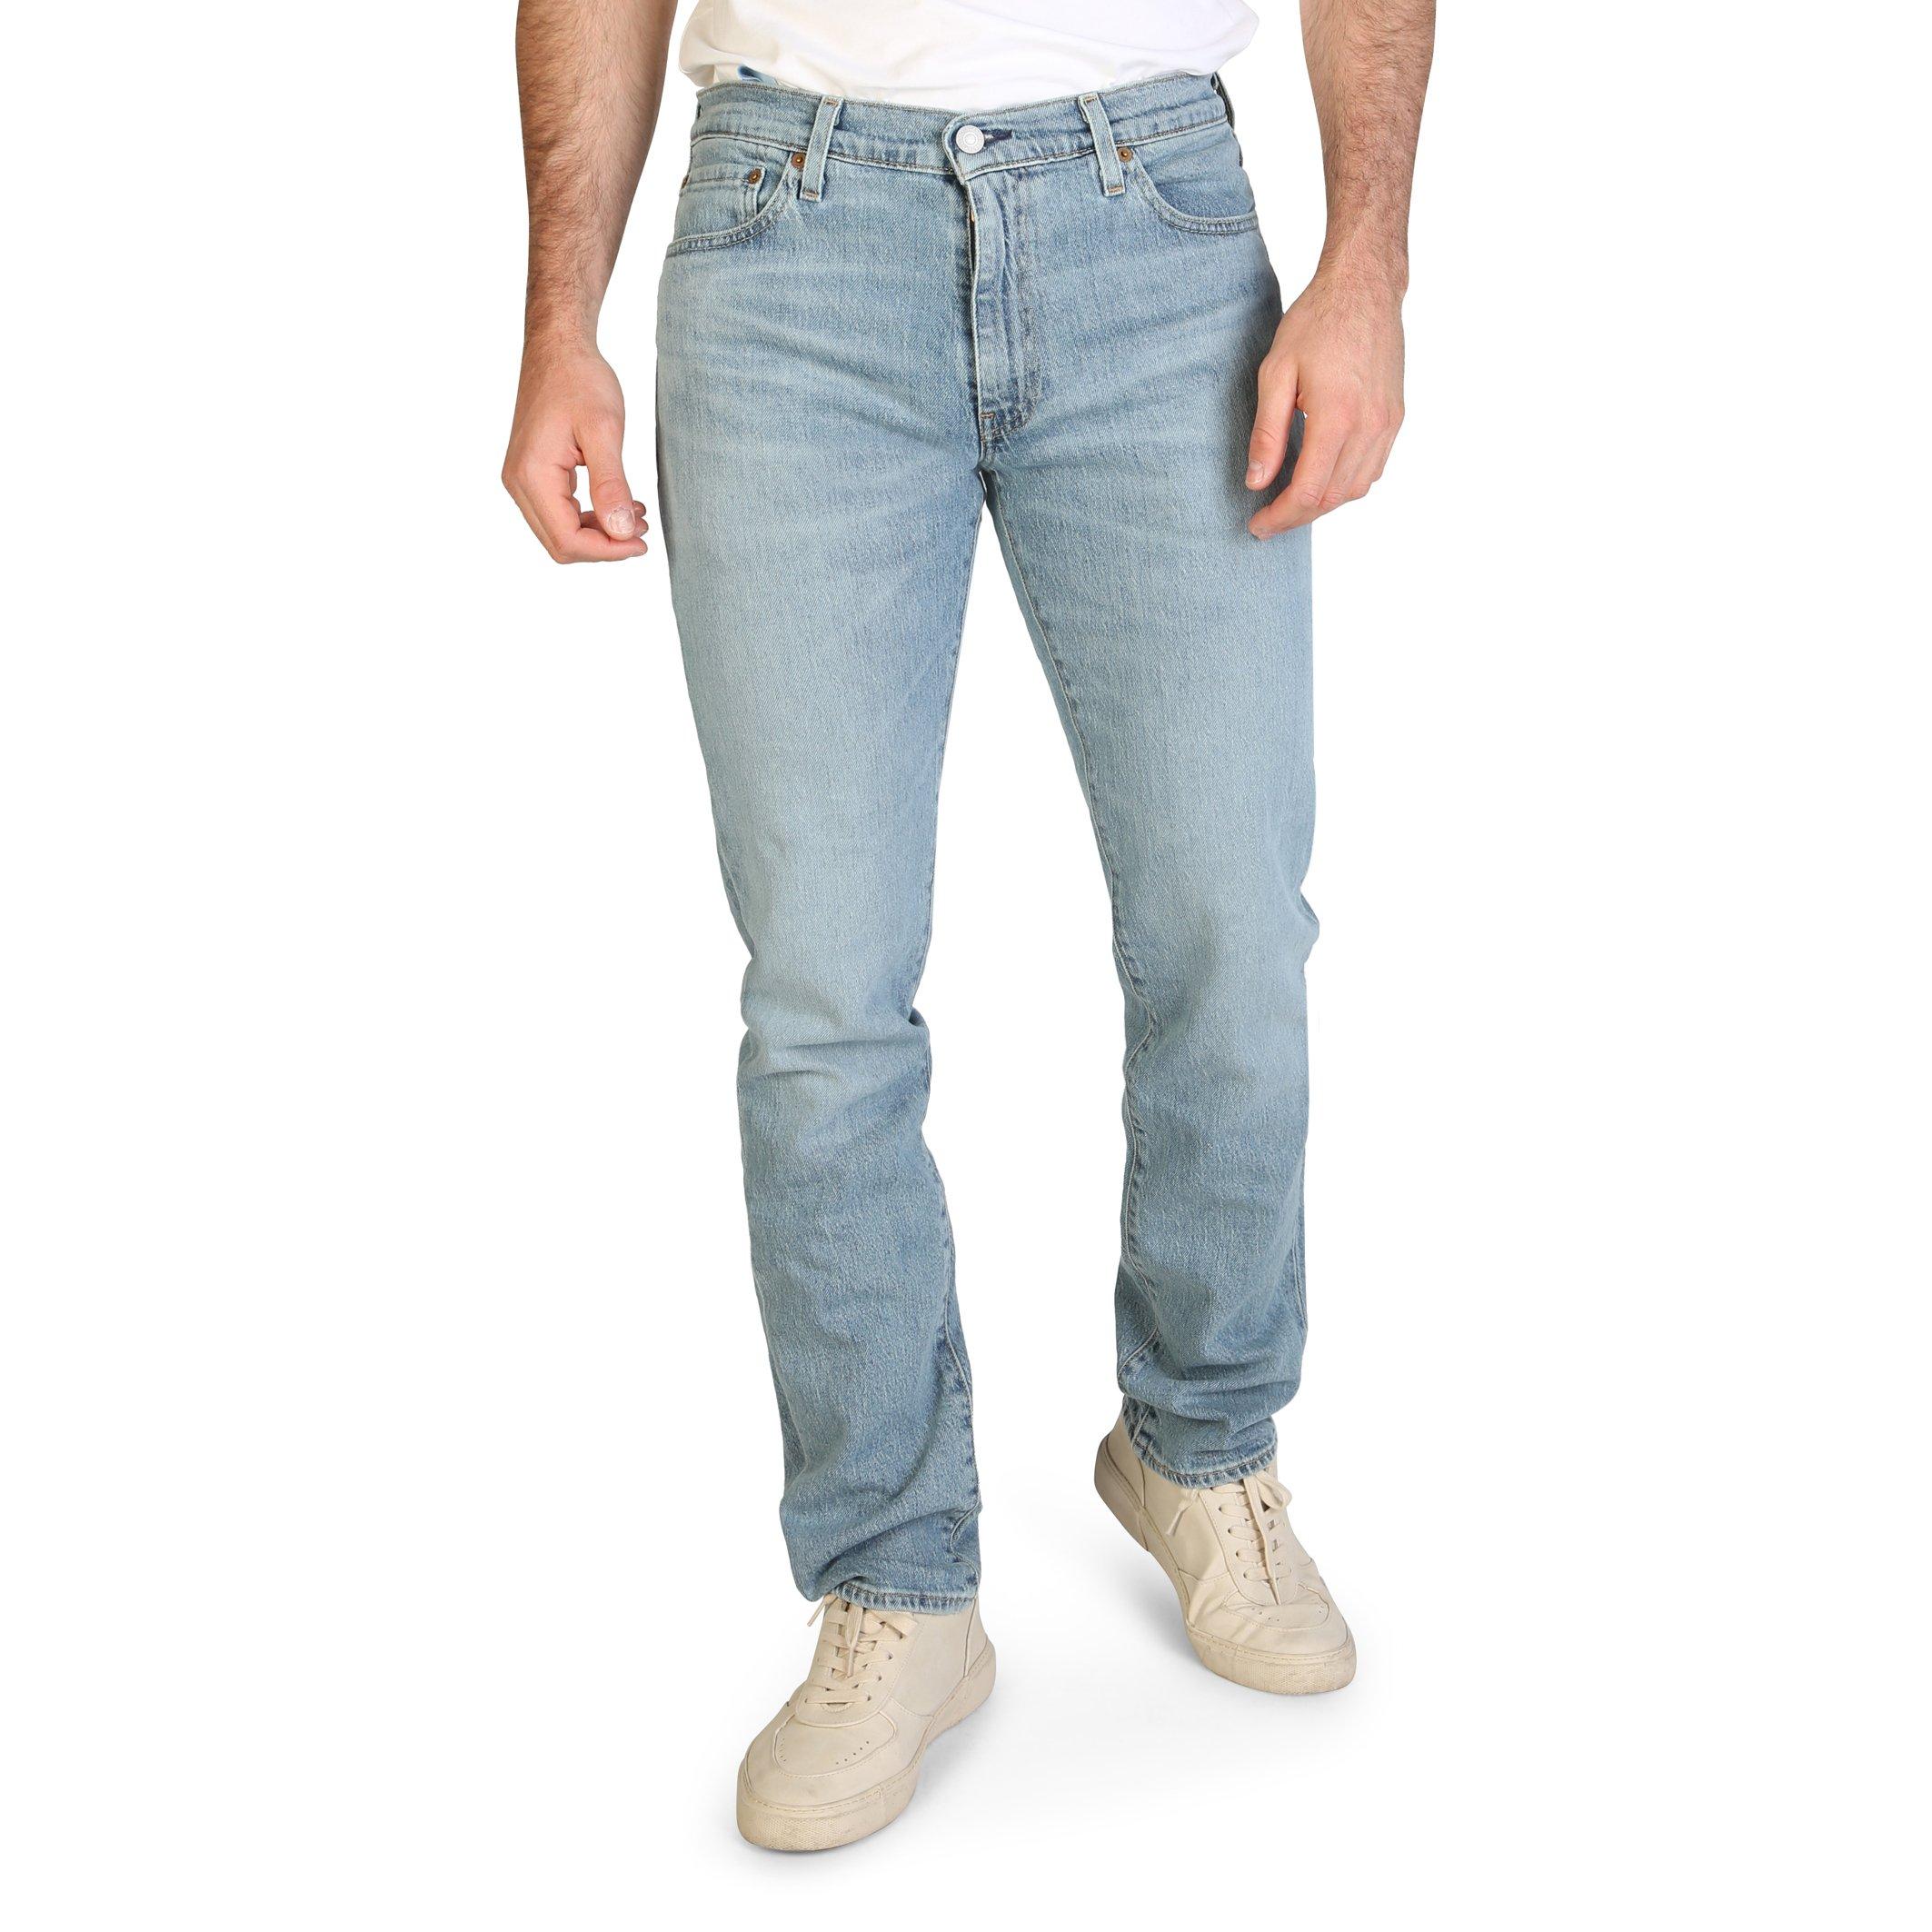 Levis Men's Jeans Blue 511_SLIM - blue-3 30